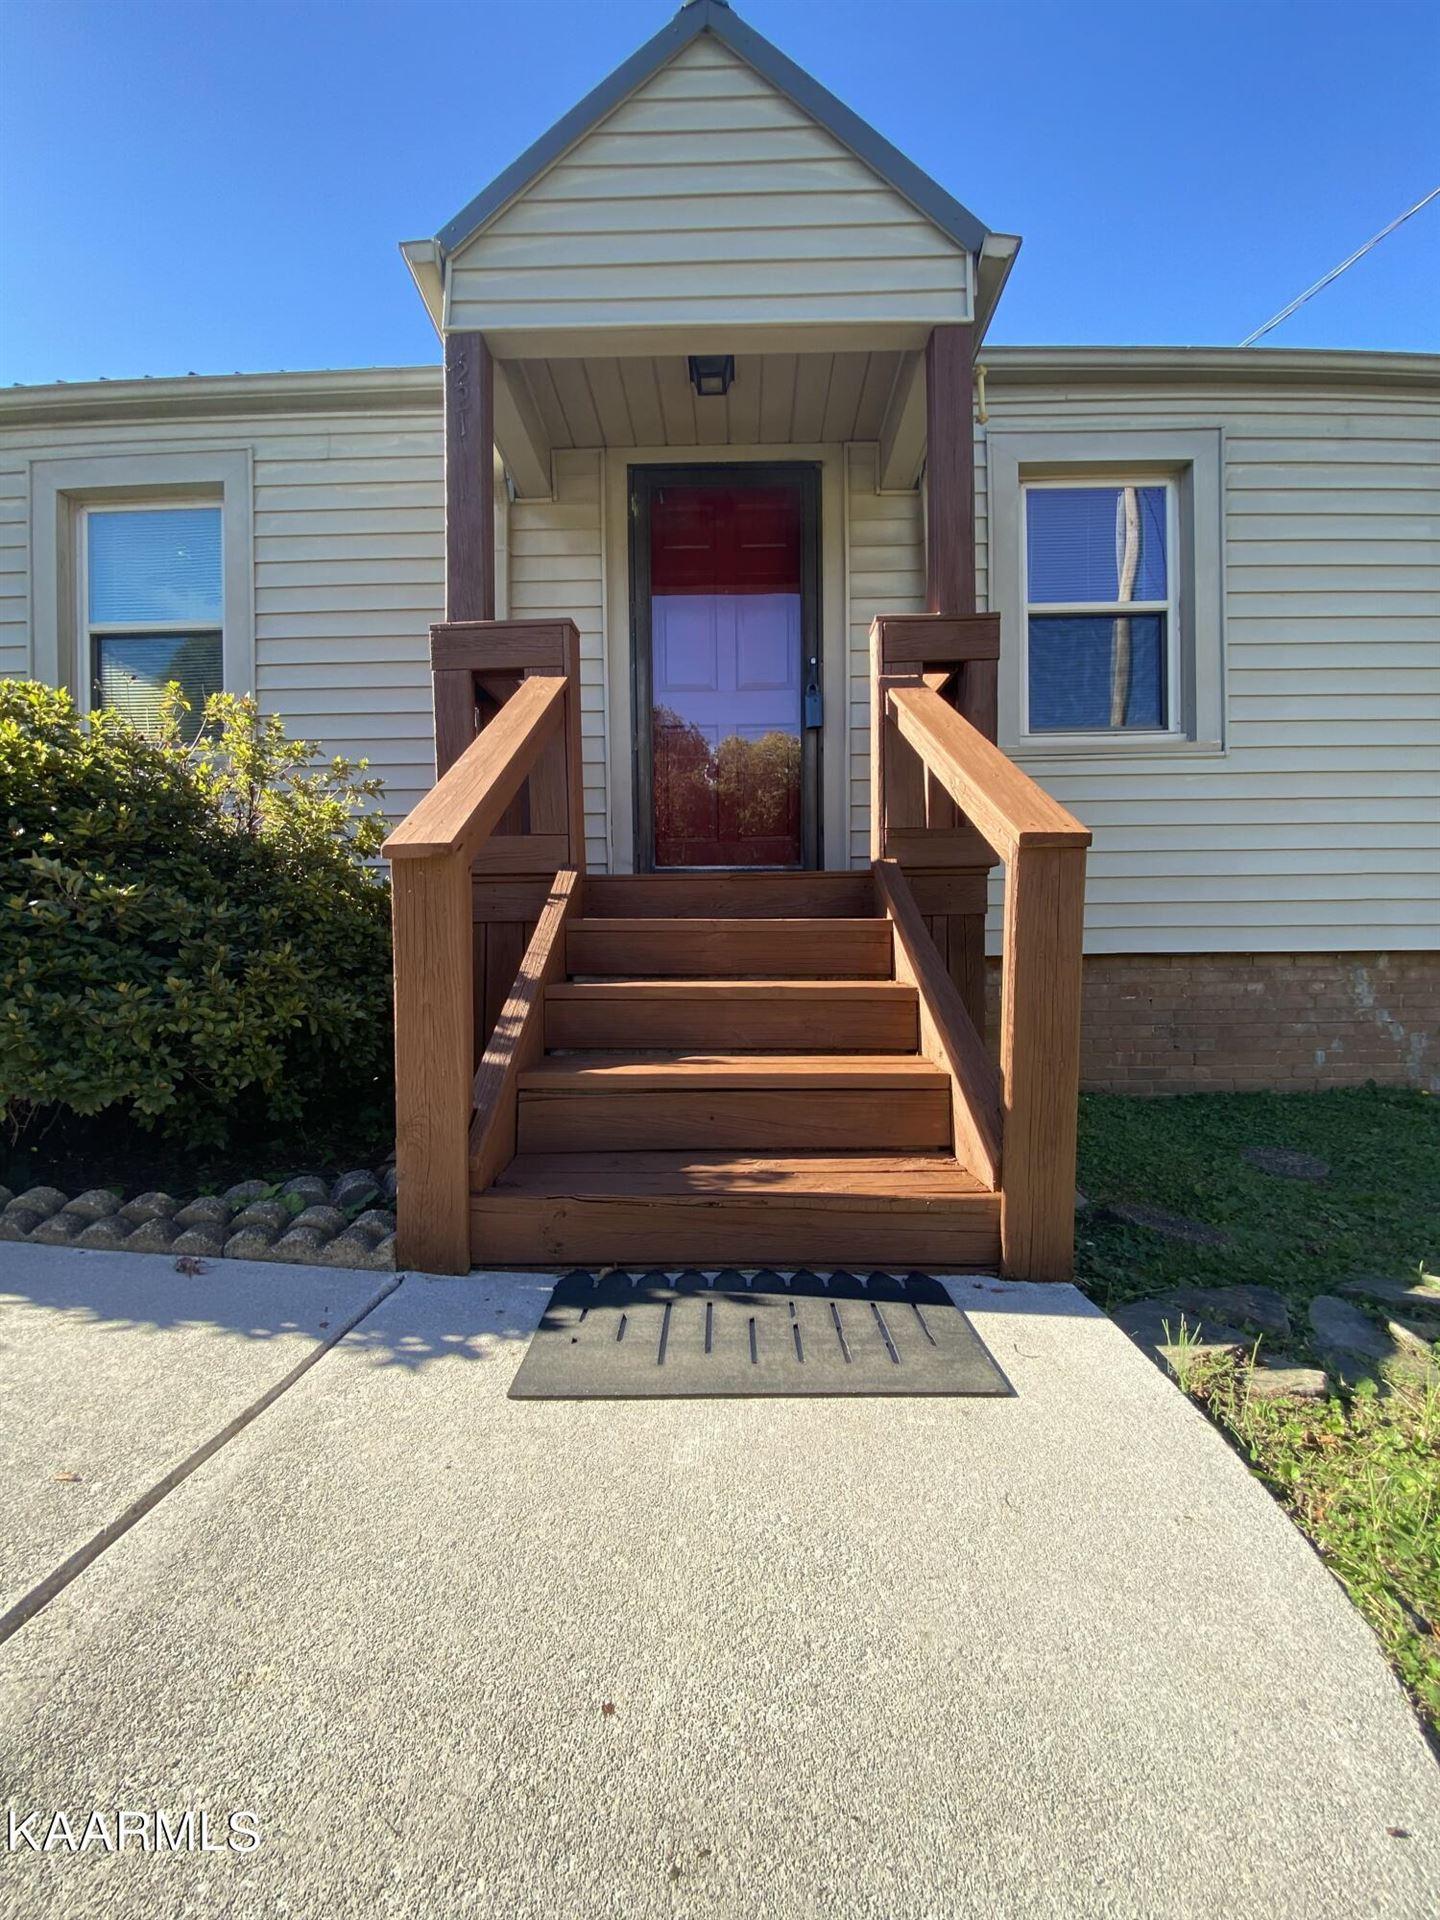 Photo of 1221 Monroe Ave, Maryville, TN 37804 (MLS # 1166763)